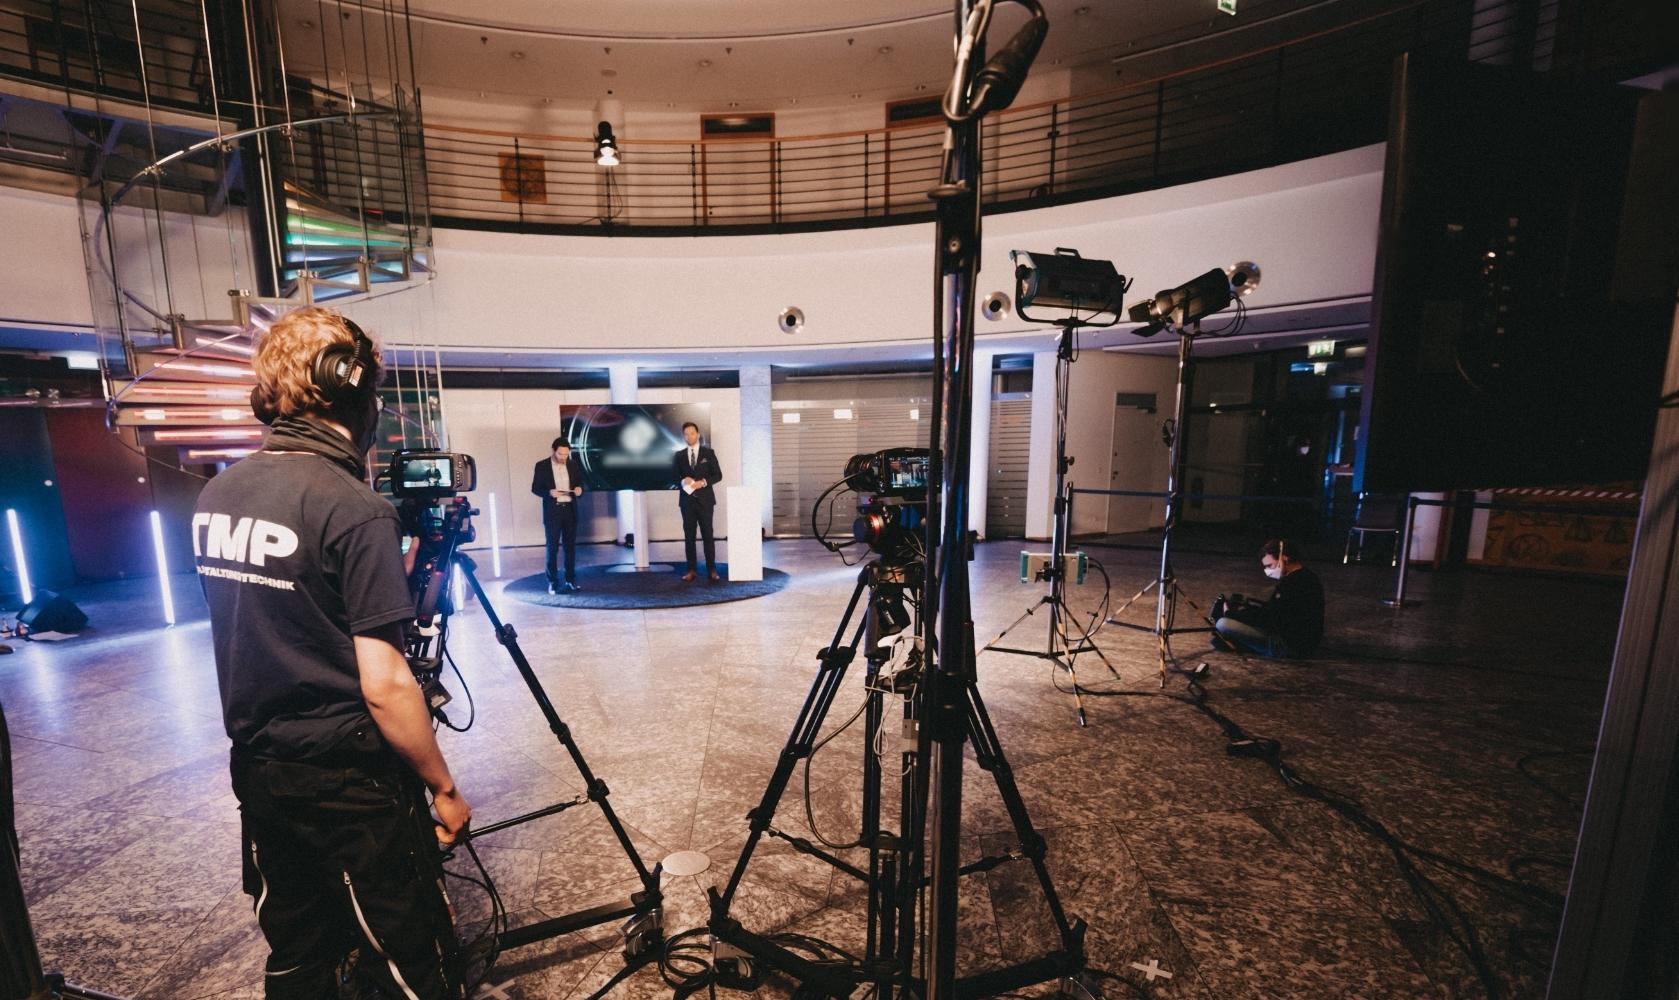 TMP_Veranstaltungstechnik_Corporate_Digitalevent_Kameramann_Speaker_Livestream_Braunschweig